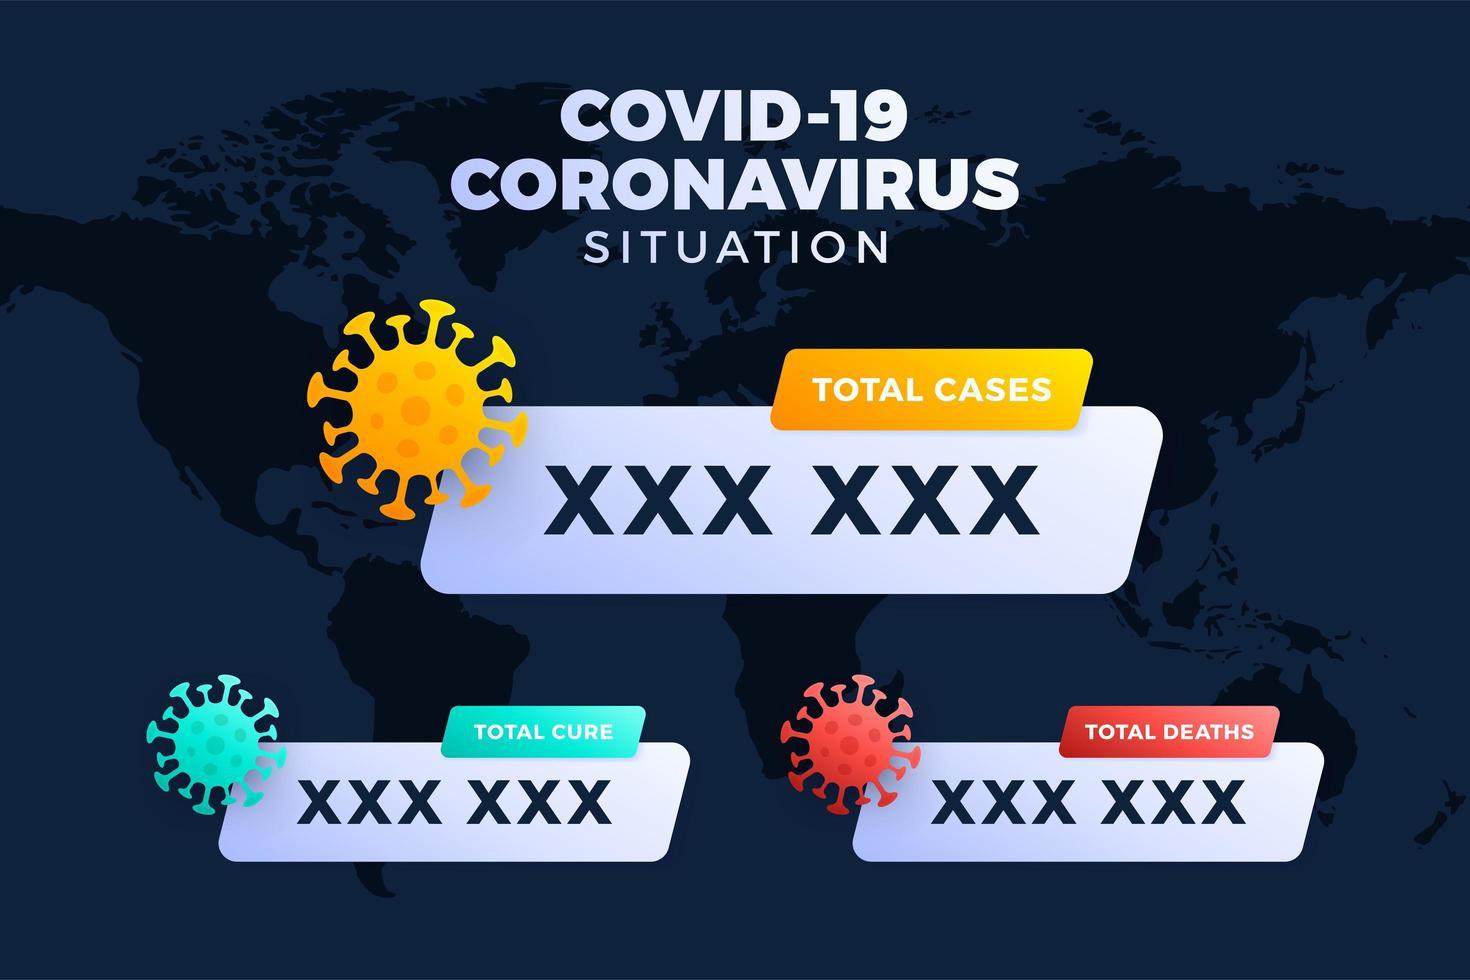 covid-19, covid 19 mapear casos confirmados, cura, mortes relatadas em todo o mundo. atualização da situação da doença coronavírus em 2019 em todo o mundo. mapas e manchetes de notícias mostram situação e histórico de estatísticas vetor